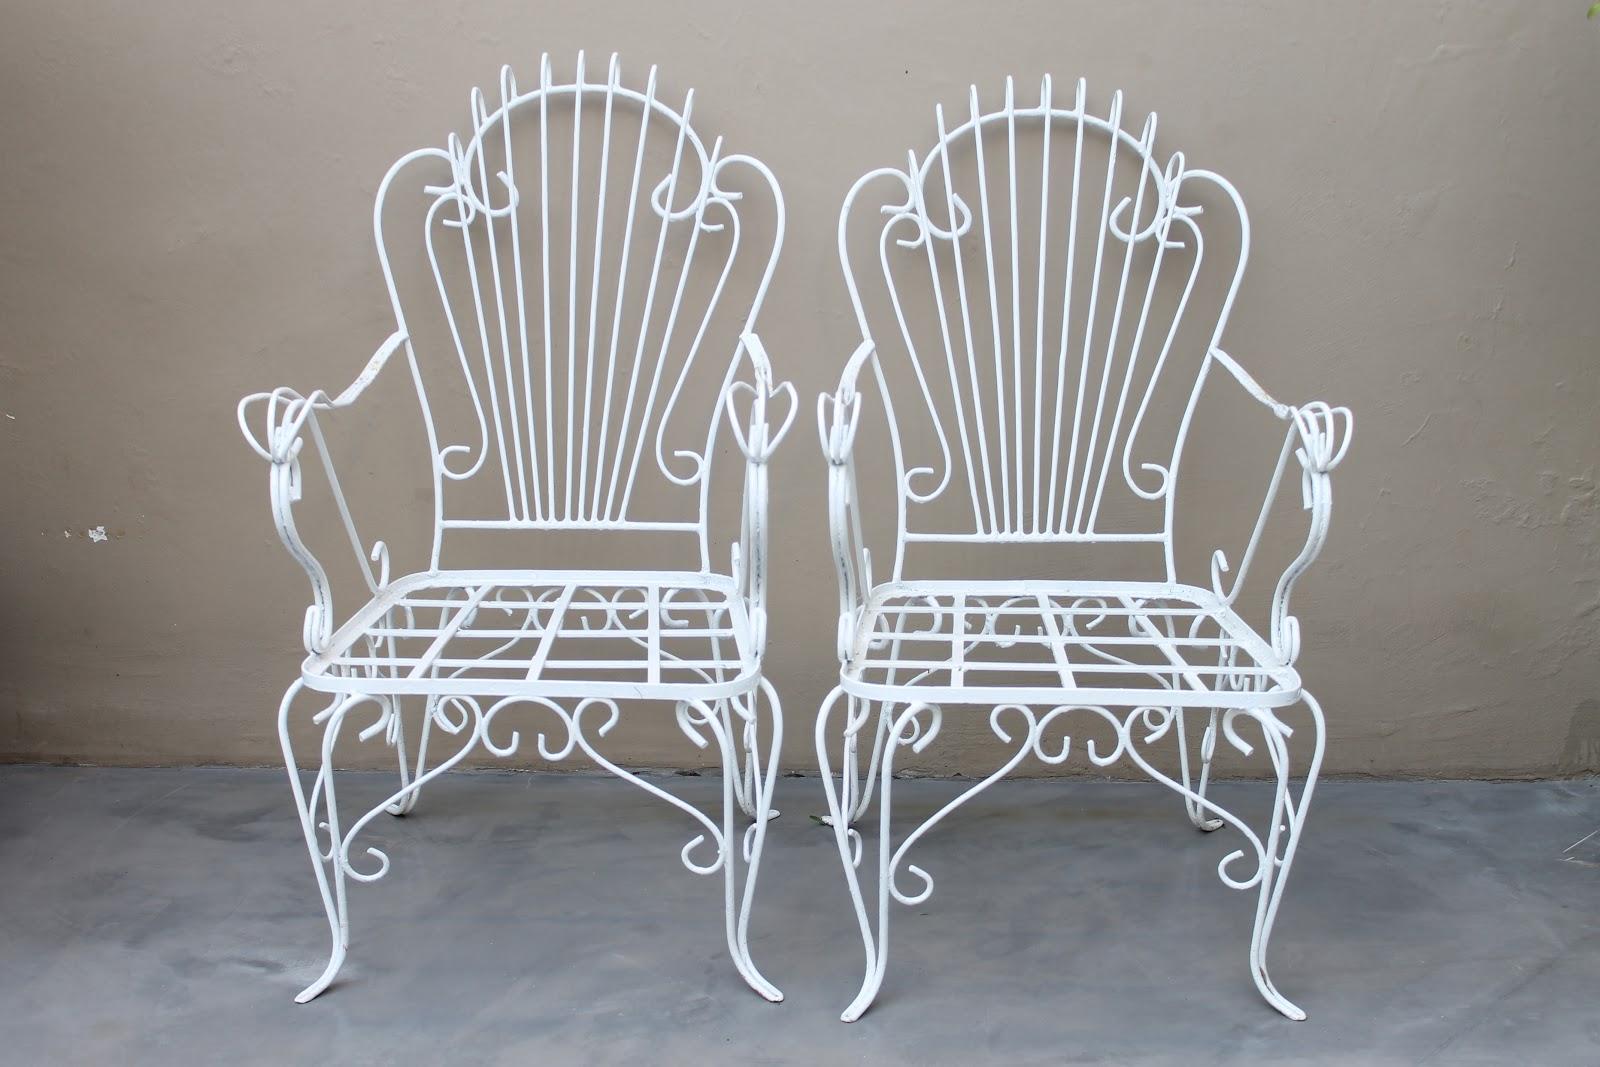 Sillones de jard n disponibles deco marce tienda for Almohadones para sillones de jardin